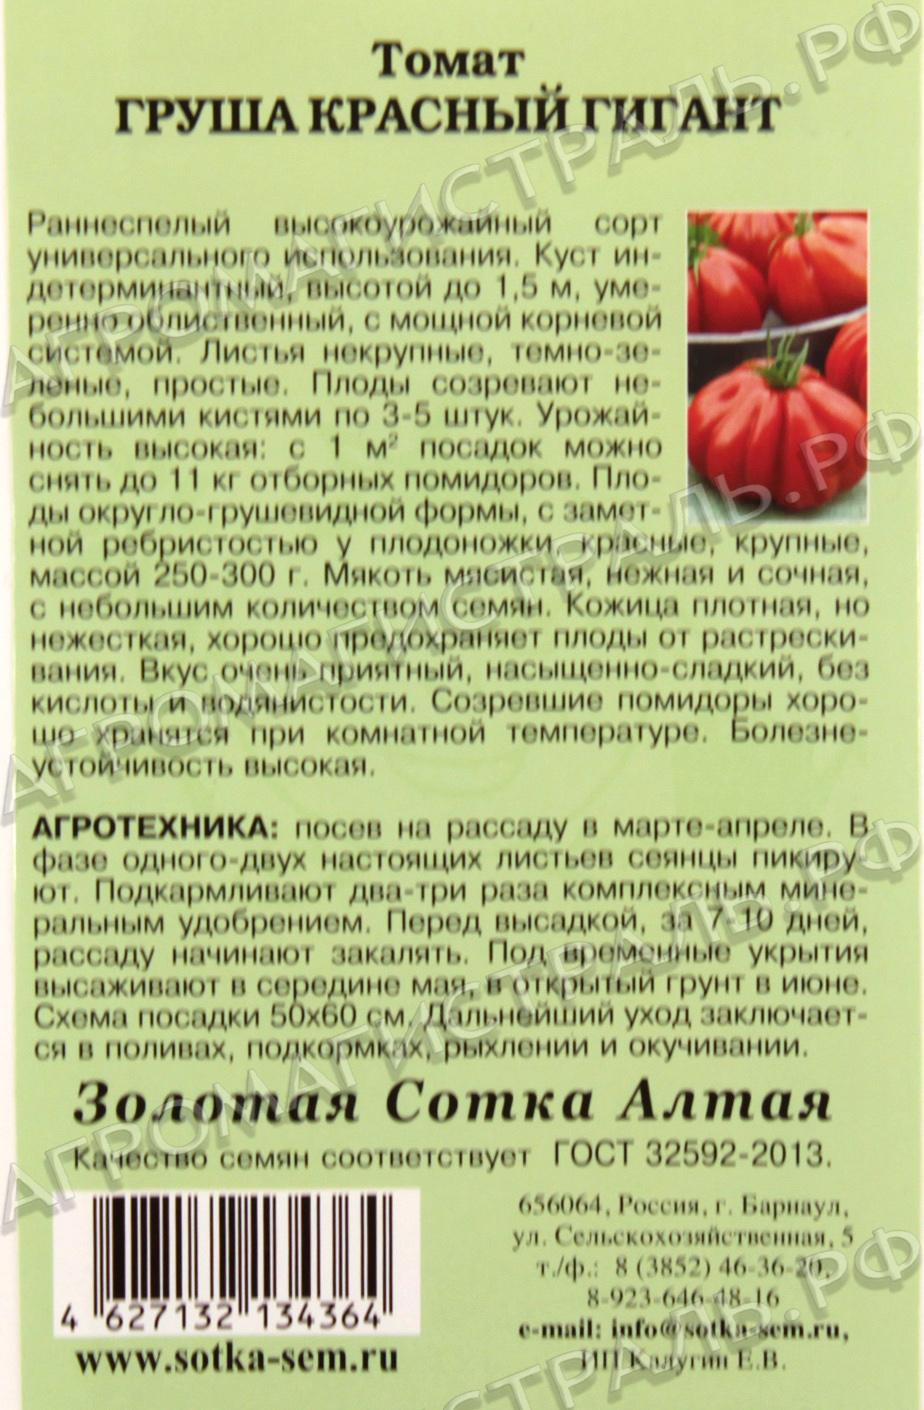 Томат канопус: отзывы, характеристика и описание сорта, фото, урожайность